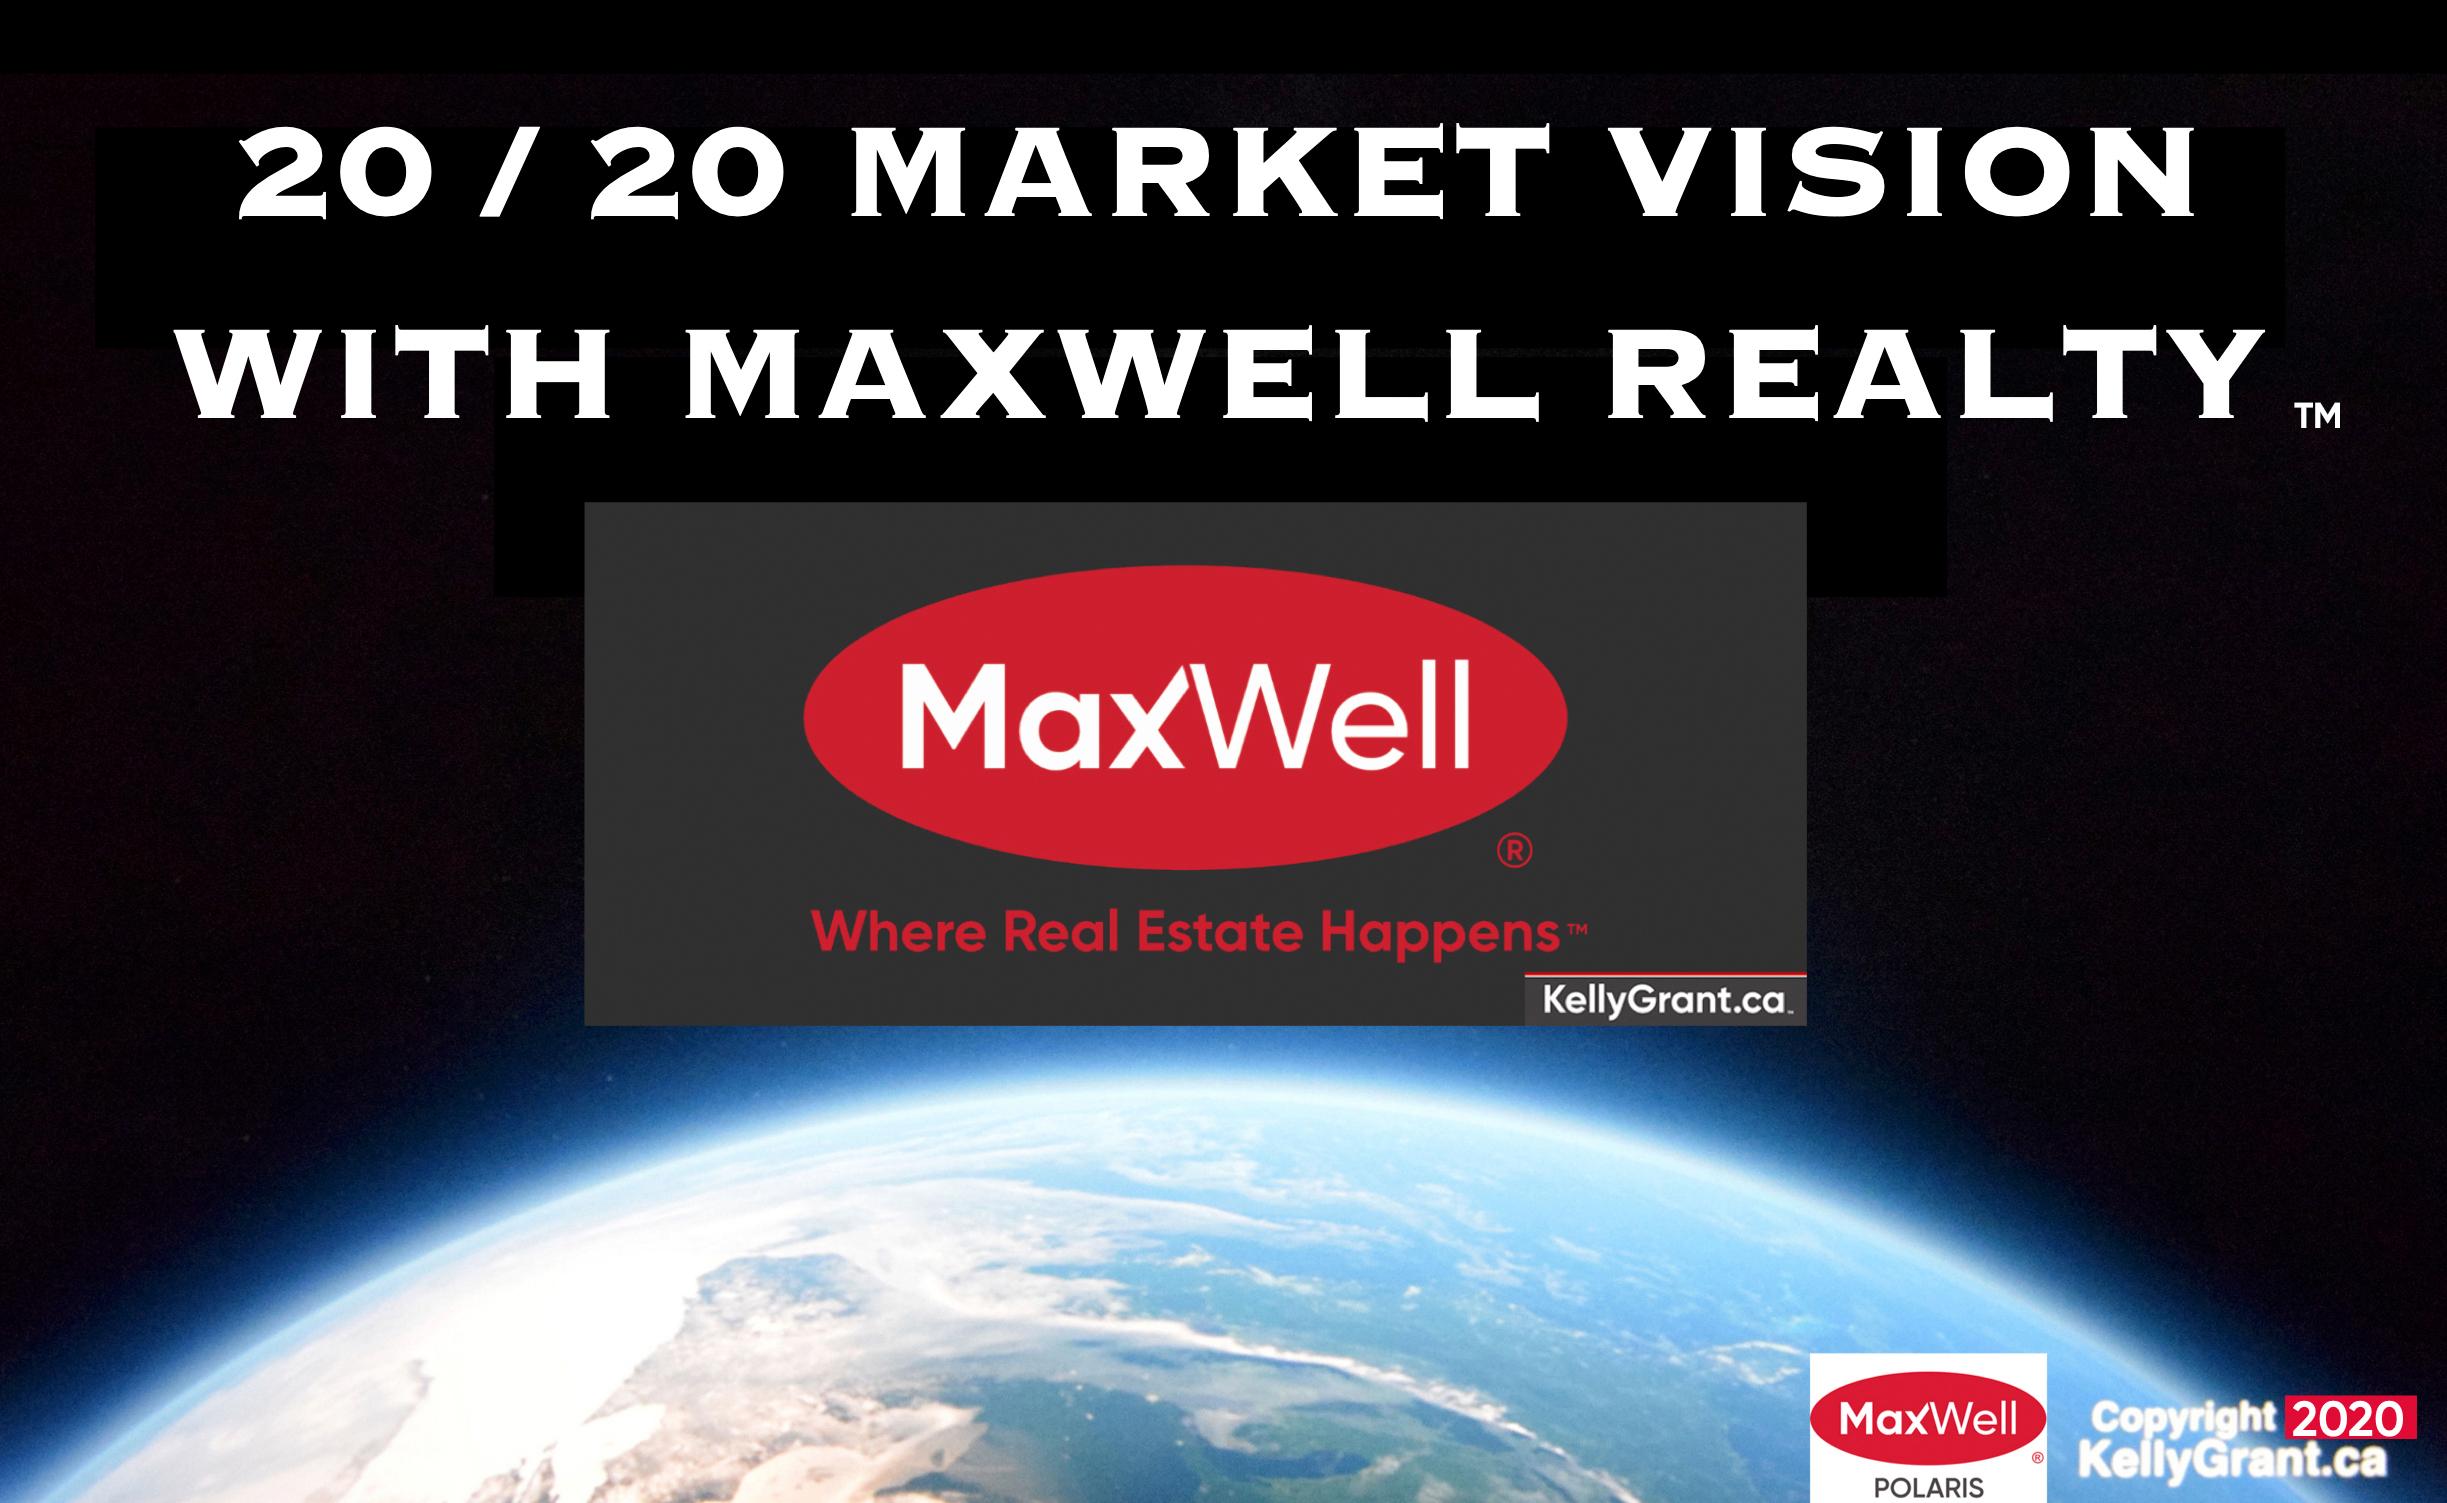 #1-KG MaxWell 2020 Market Vision.jpg